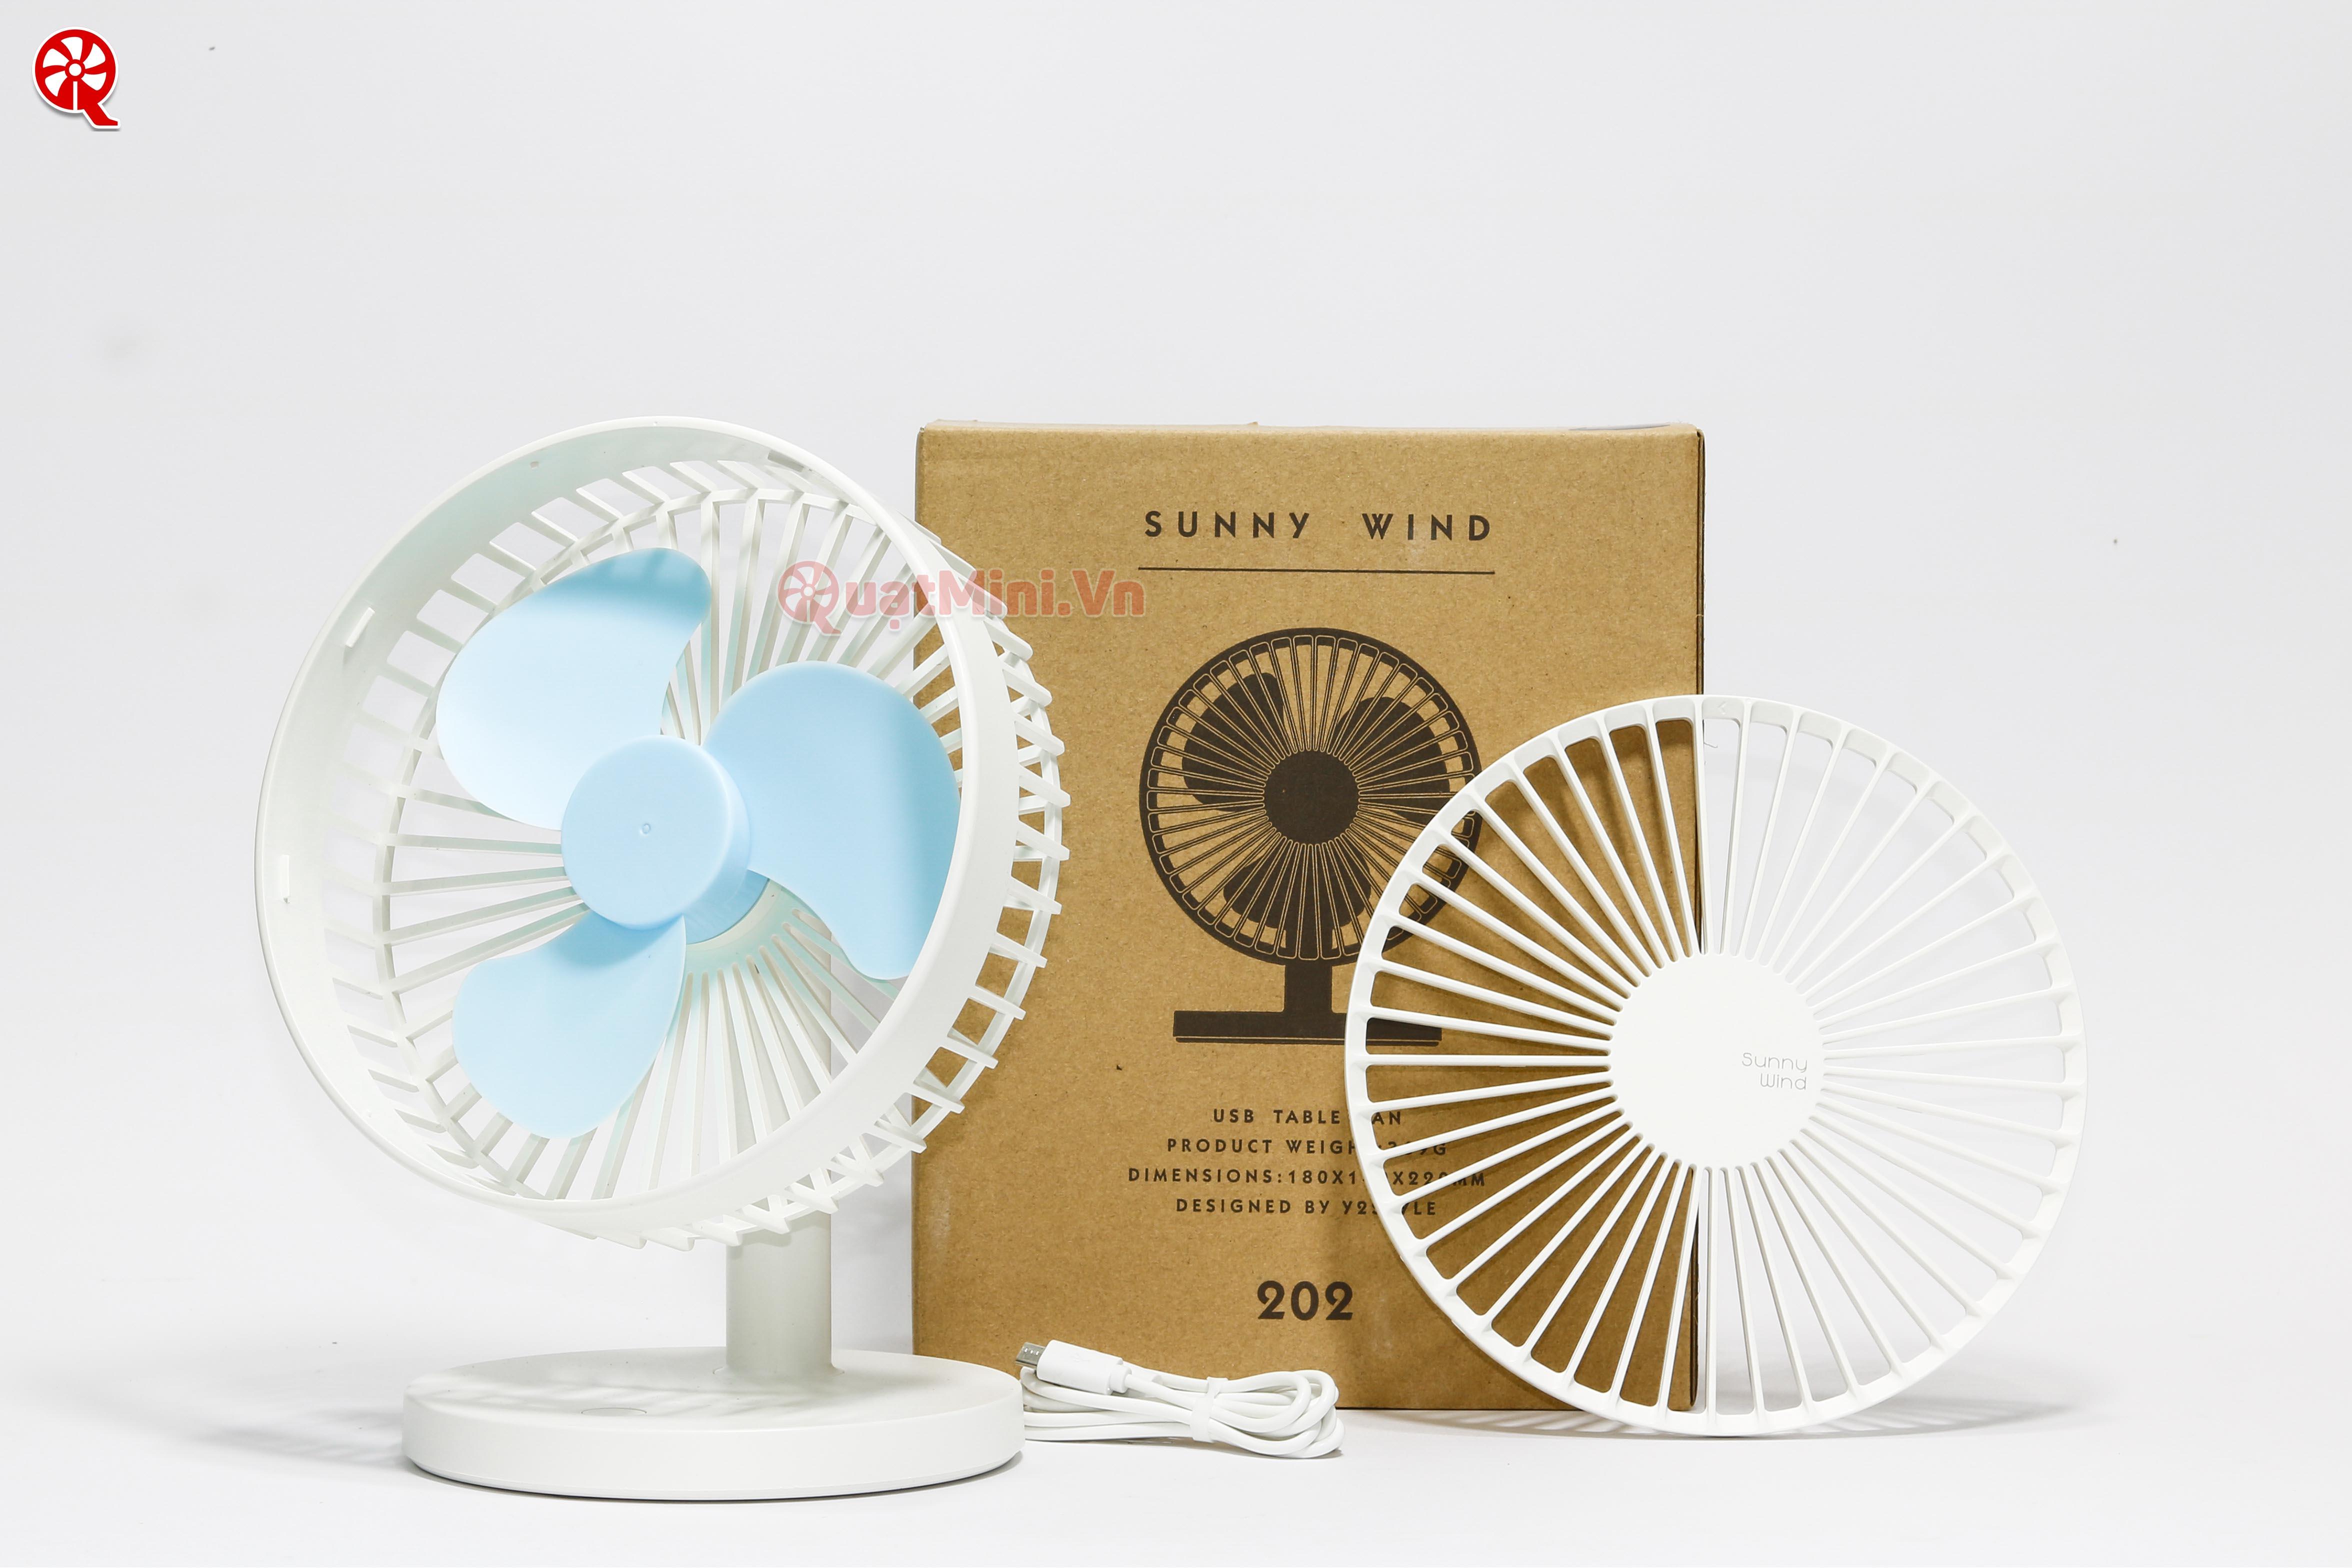 quat mini de ban tot nhat ha noi hcm 2019 Sunny Wind